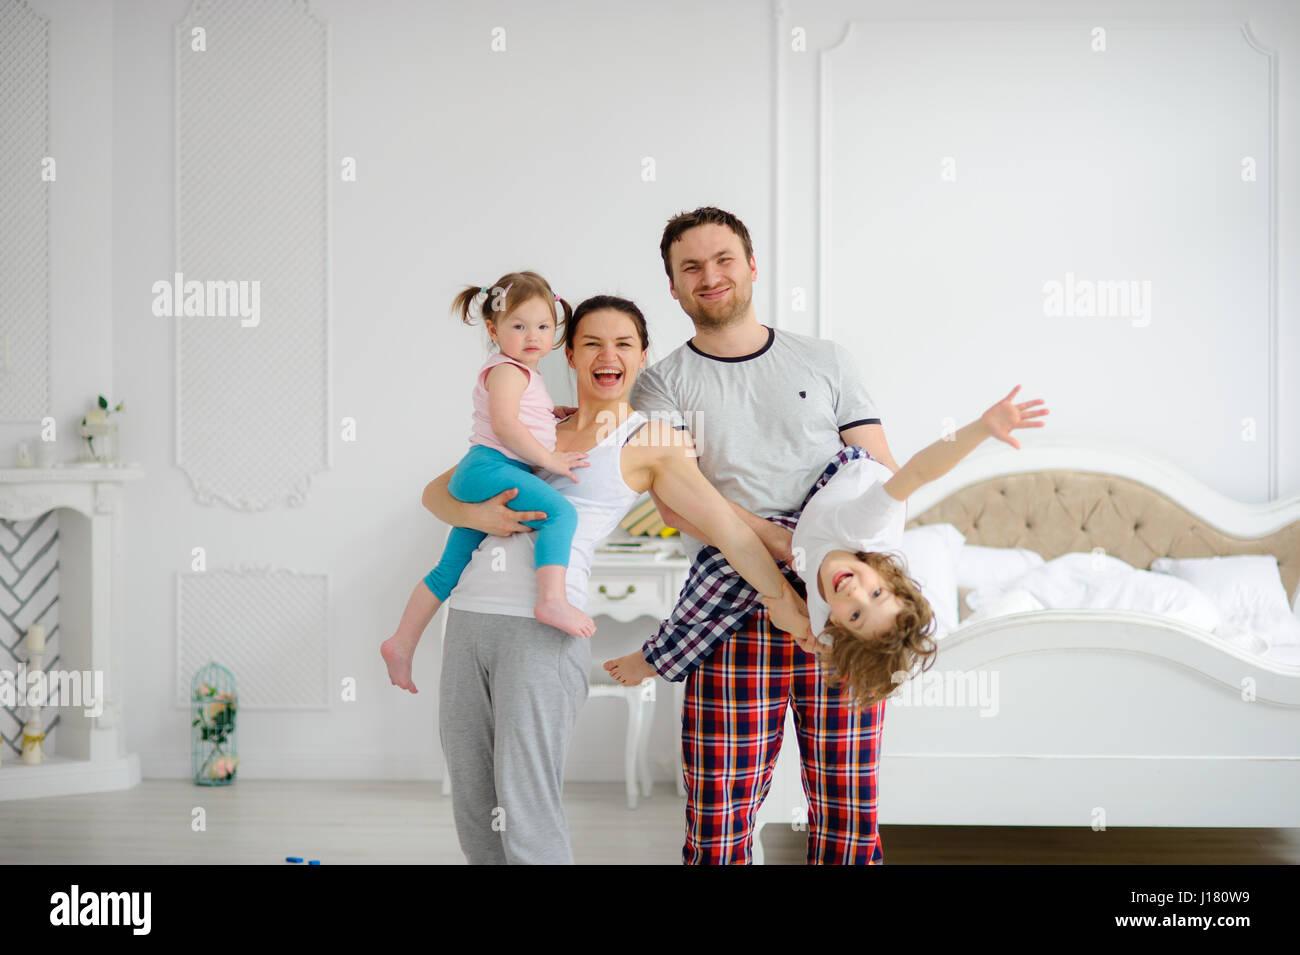 Fröhlicher Beginn des Tages in einer glücklichen Familie. Gemütliches Schlafzimmer. Junge Eltern Stockbild